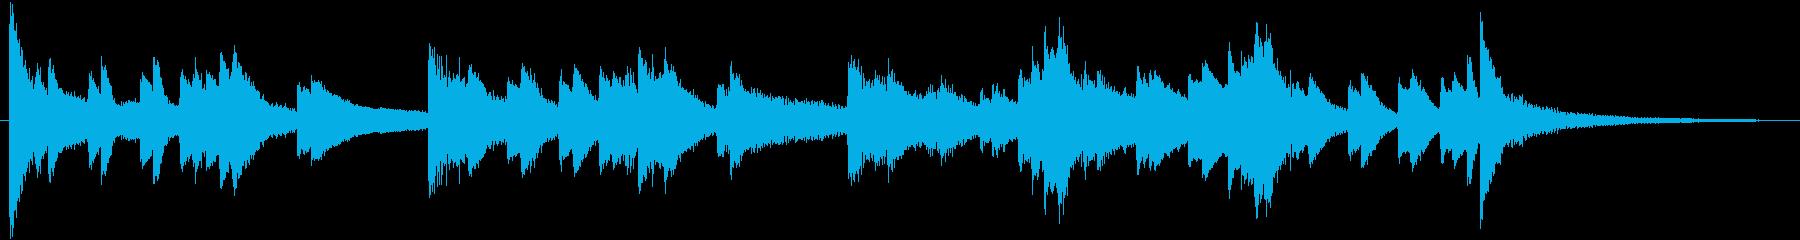 しっとりと幻想的で美しいピアノジングルの再生済みの波形